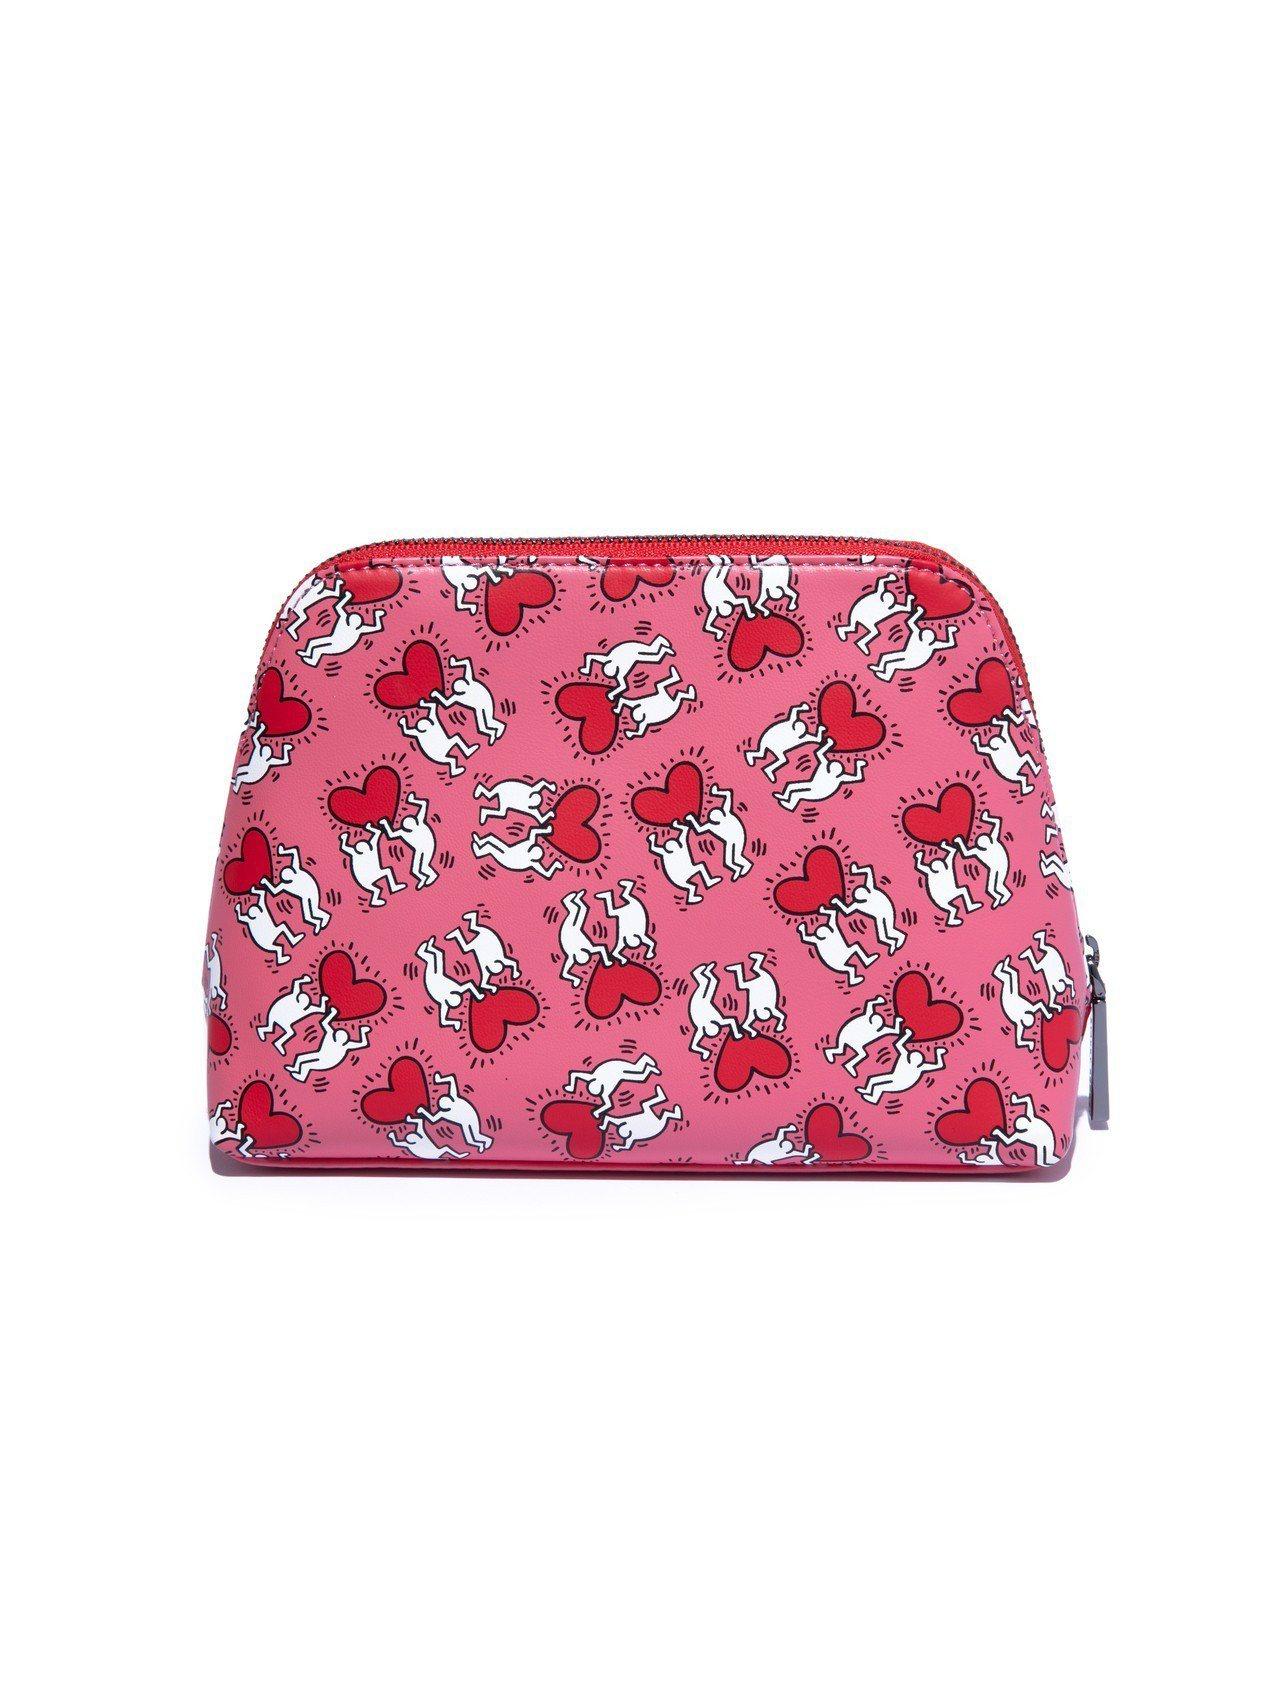 蜜桃粉滿版跳舞人偶塗鴉手拿包,5,200元。圖/alice + olivia提供